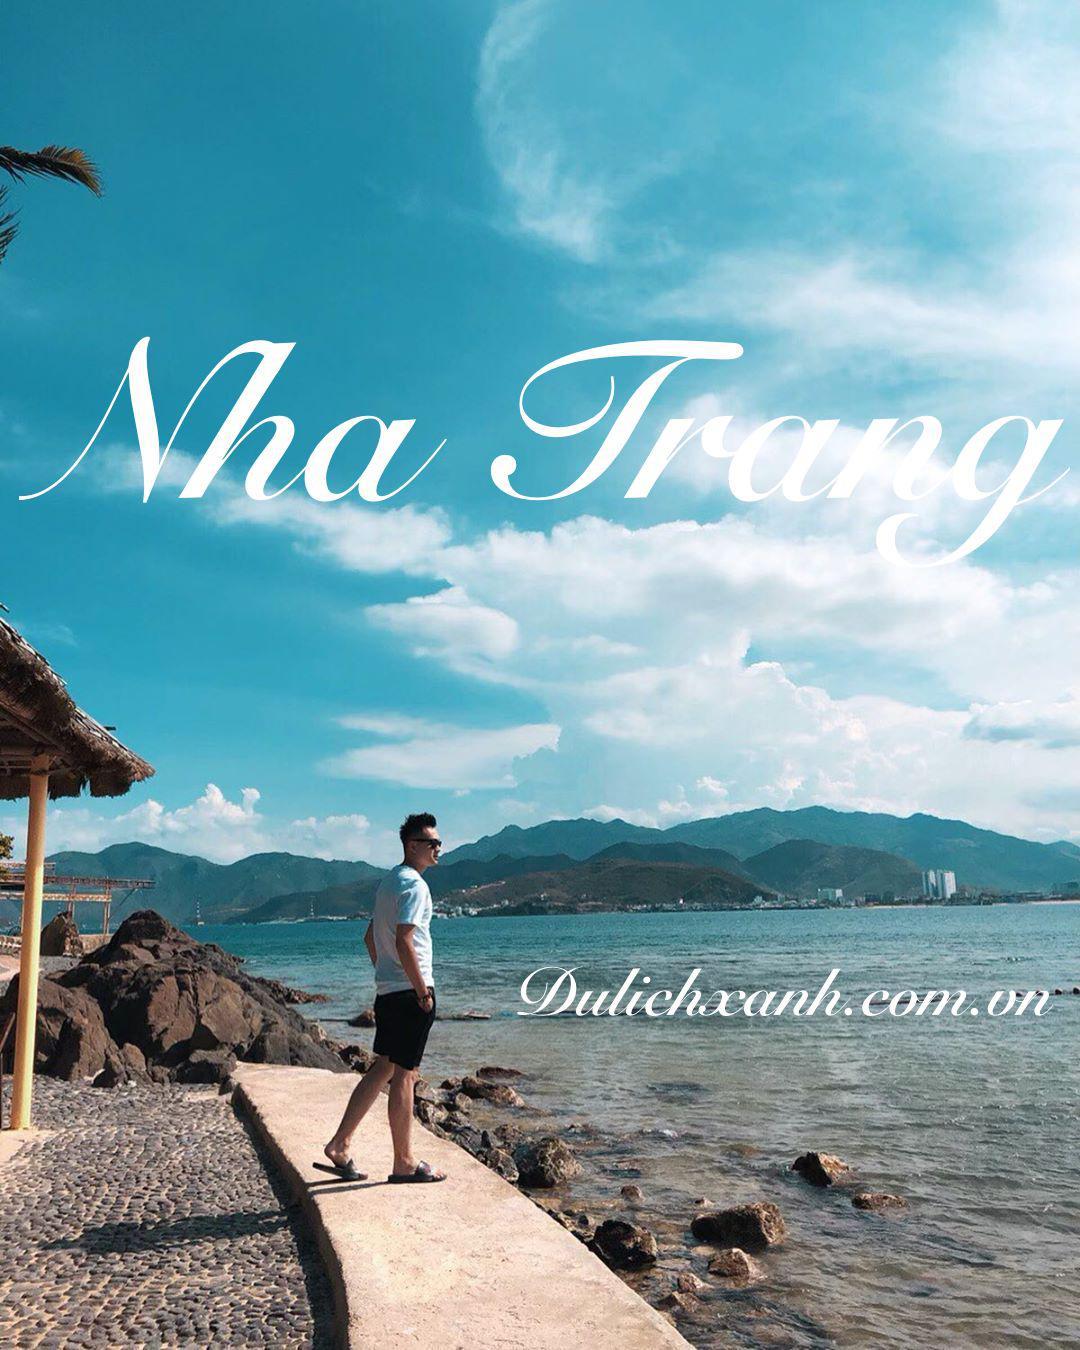 Hà Nội - Nha Trang 4 Ngày 3 Đêm Bay Vietnam Airlines (Khách sạn 4 sao)